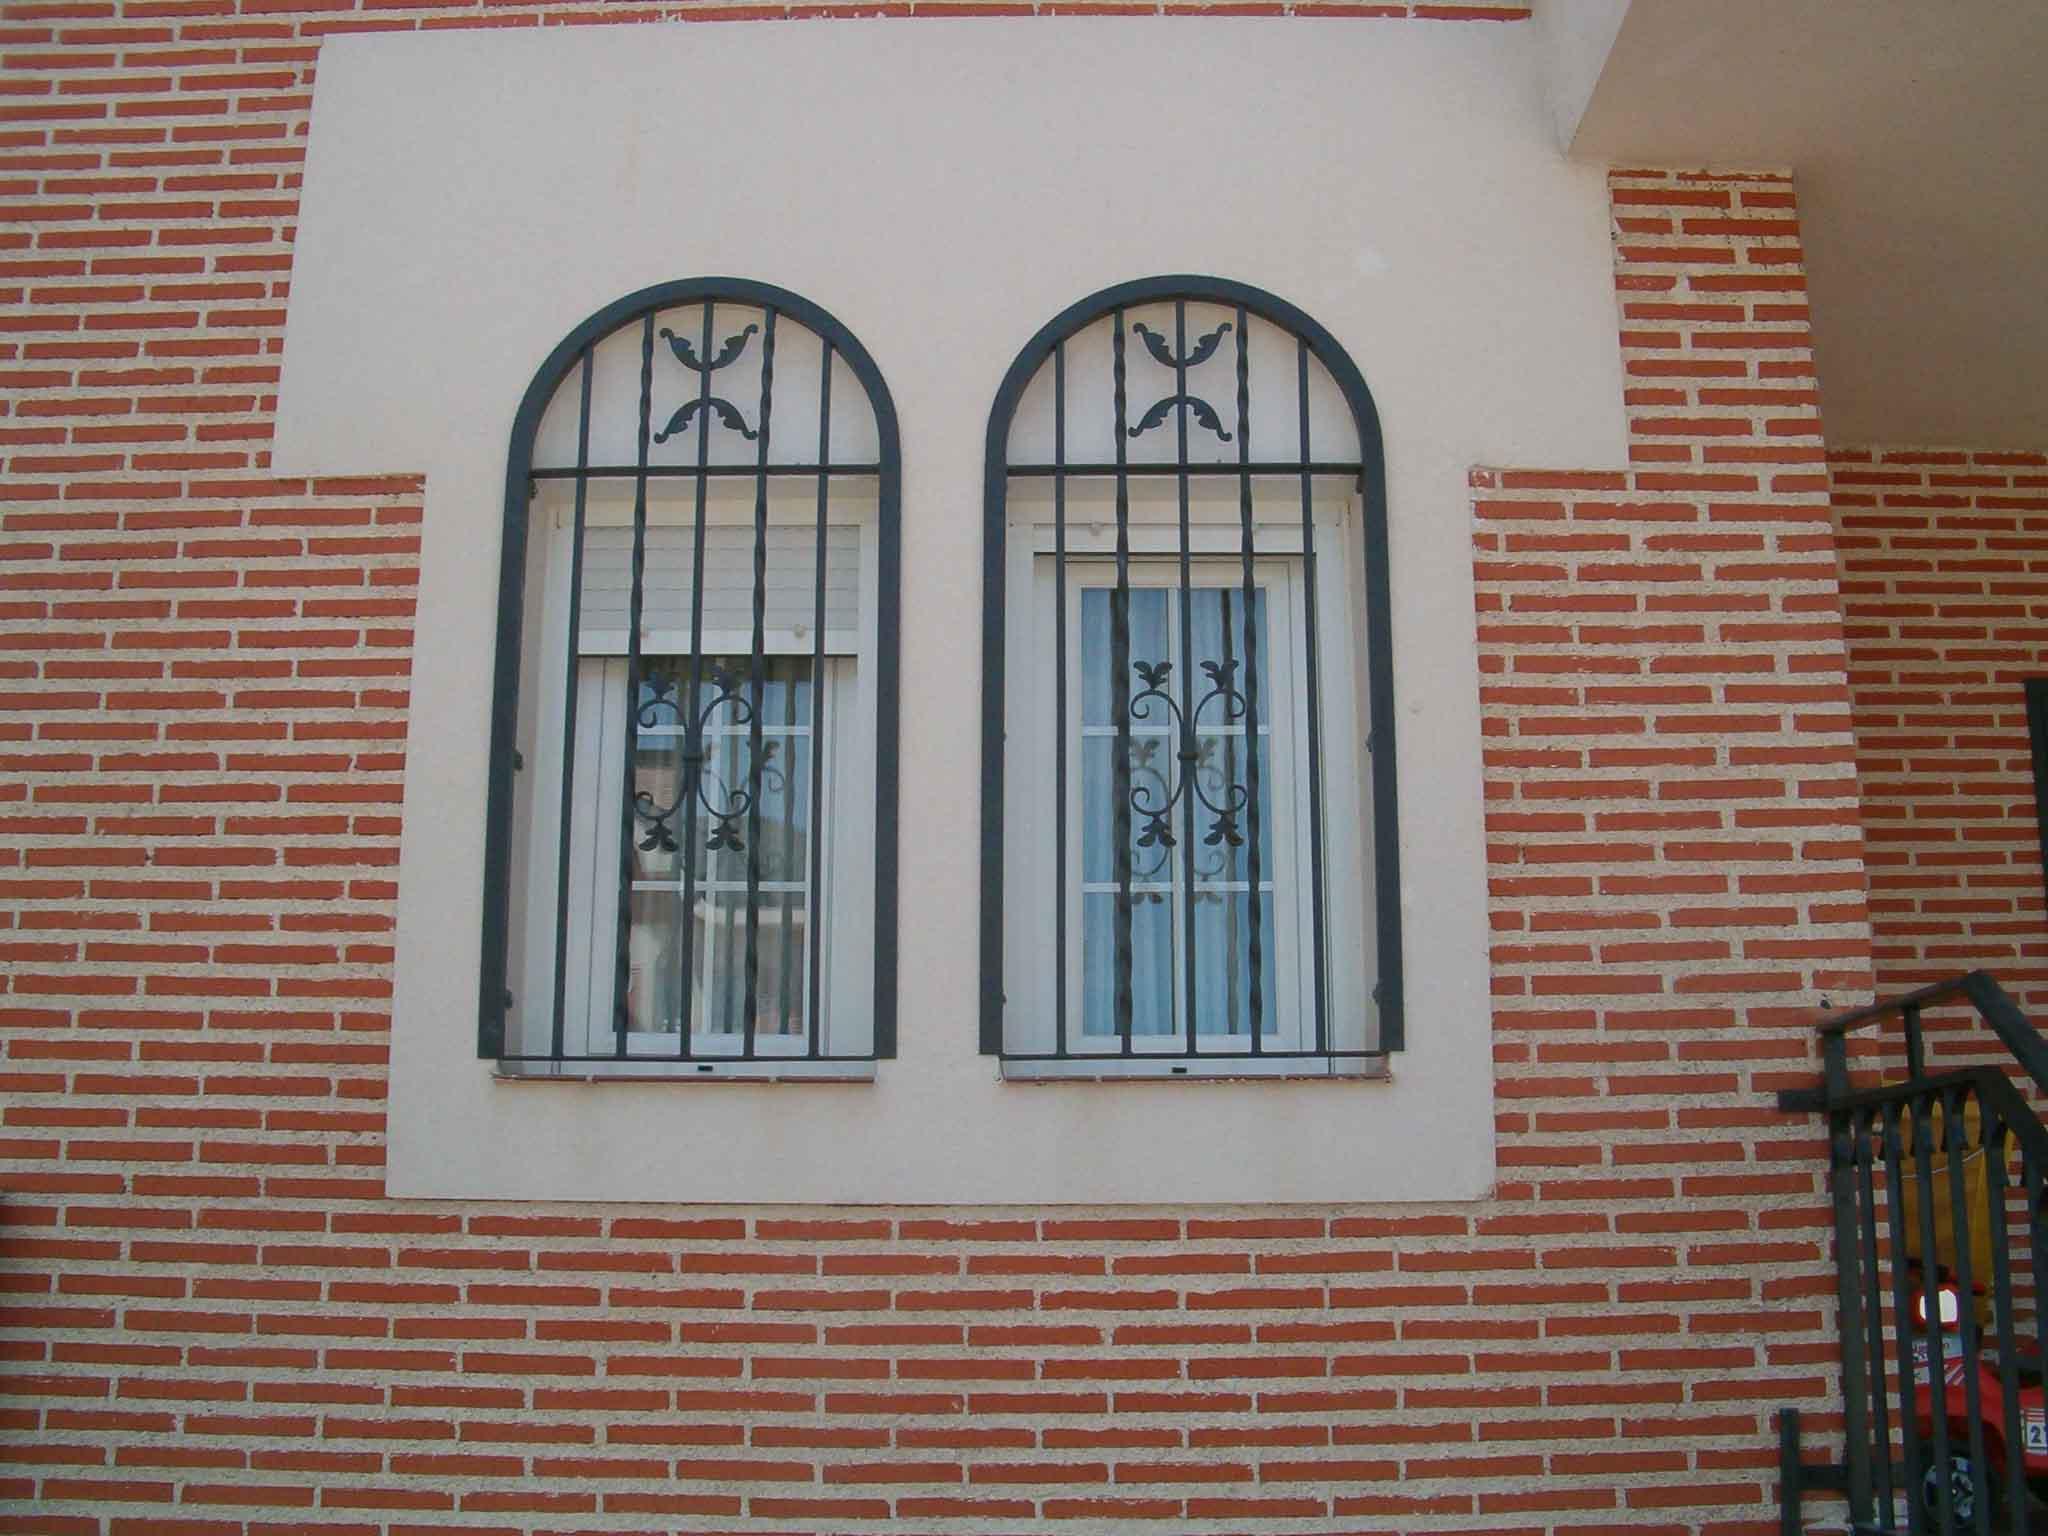 Rejas para ventanas y puertas en moraleja de enmedio - Rejas para balcones ...